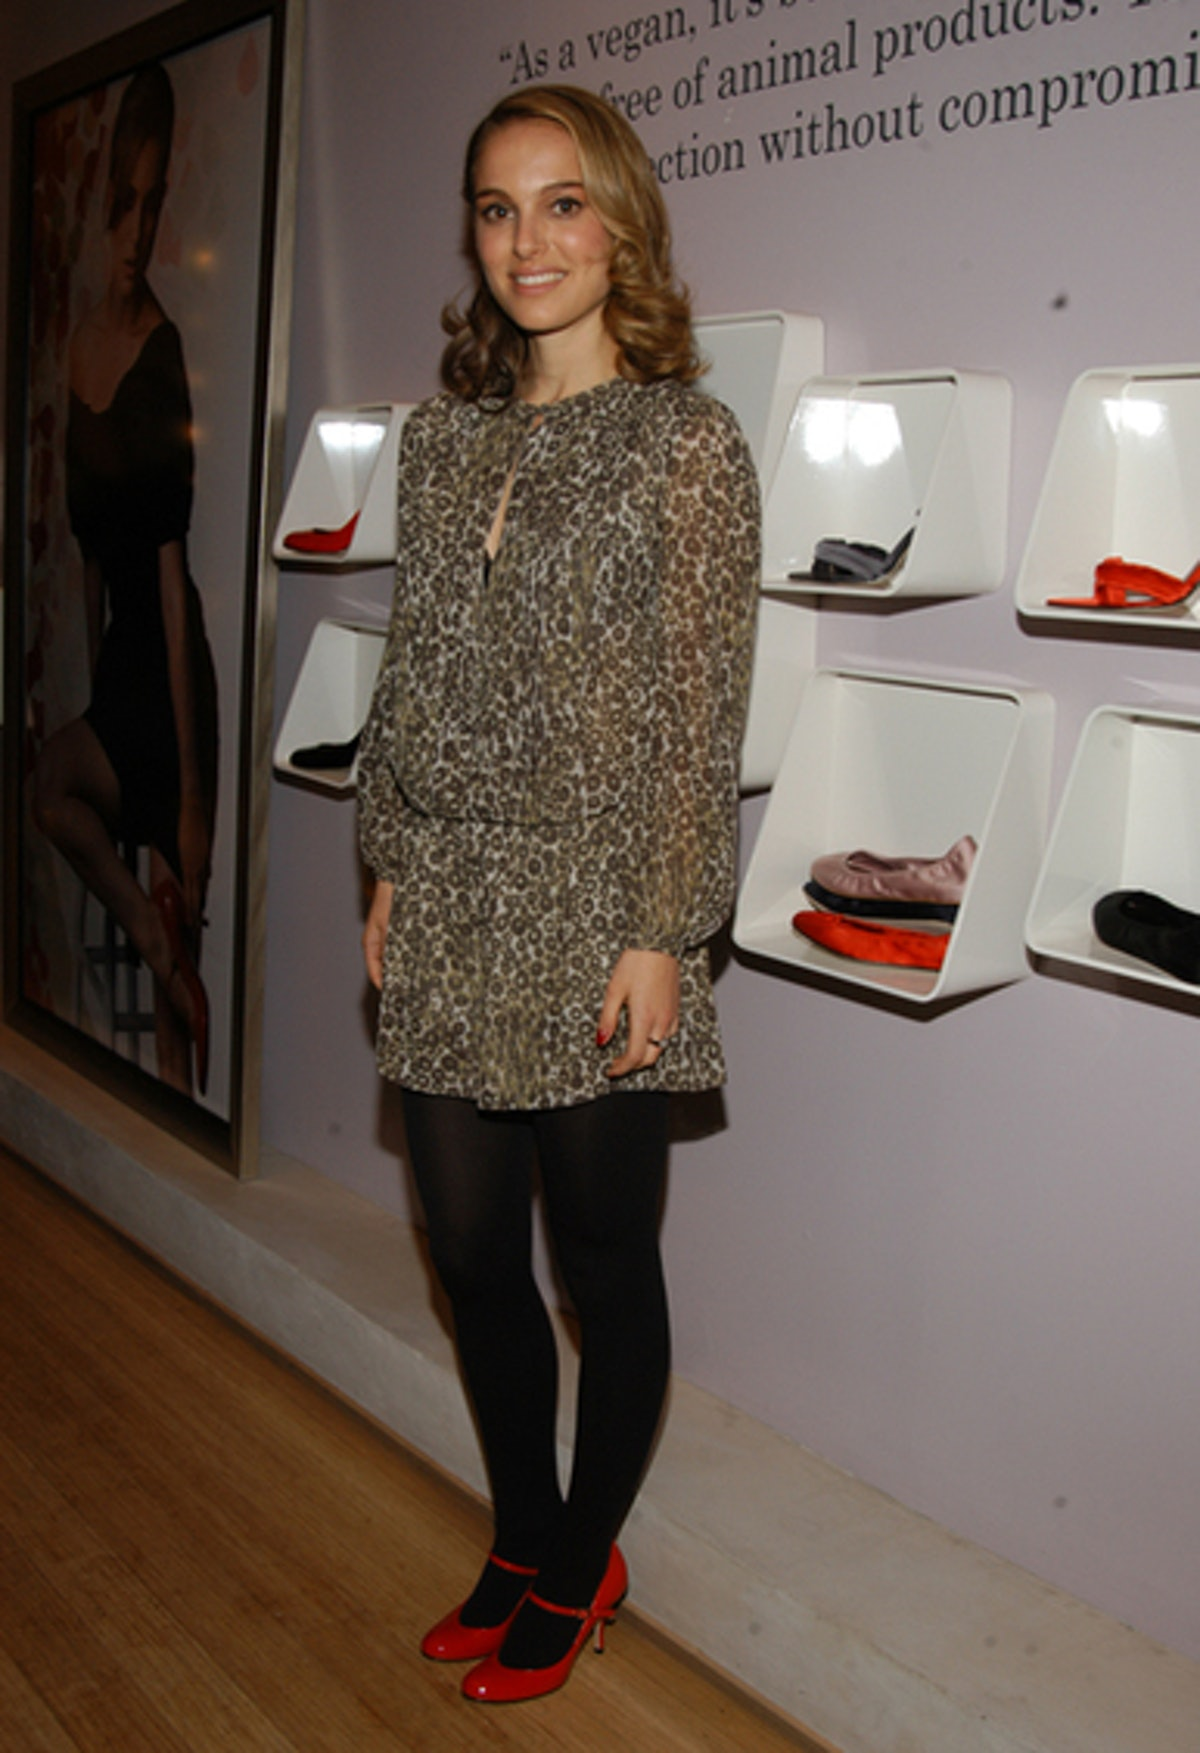 blog_nathalie_portman_shoes.jpg